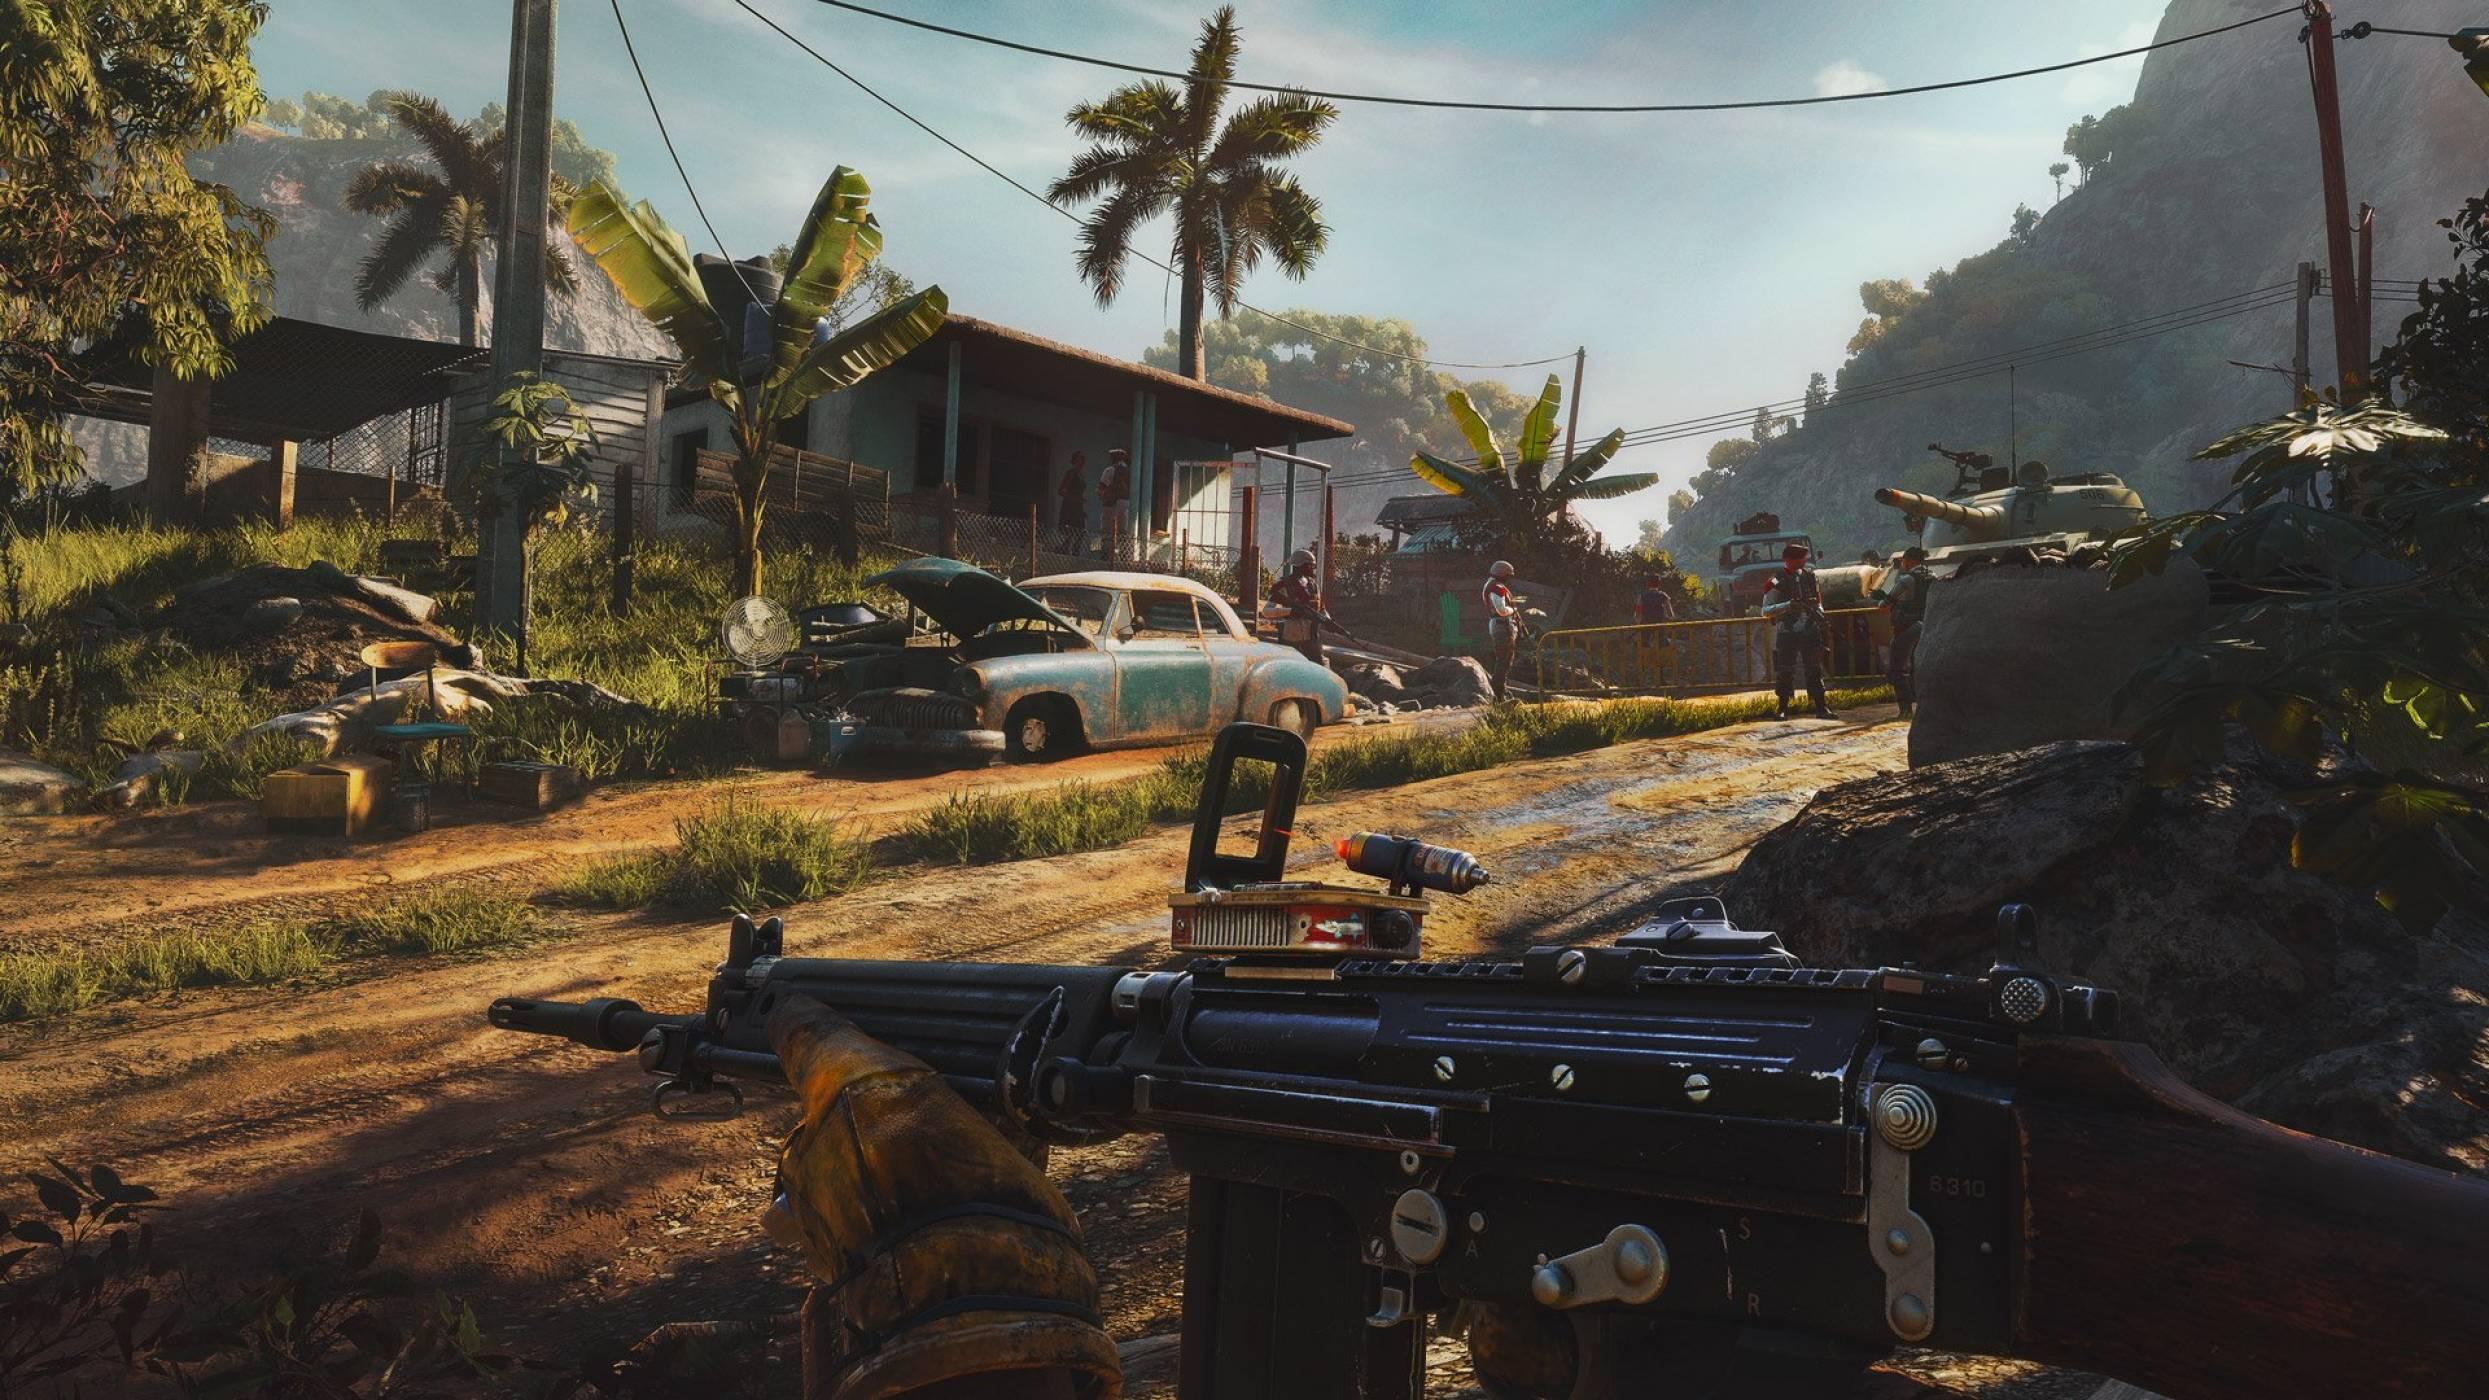 Ubisoft си купи цяла компания, за да се бори с измамниците в игрите си